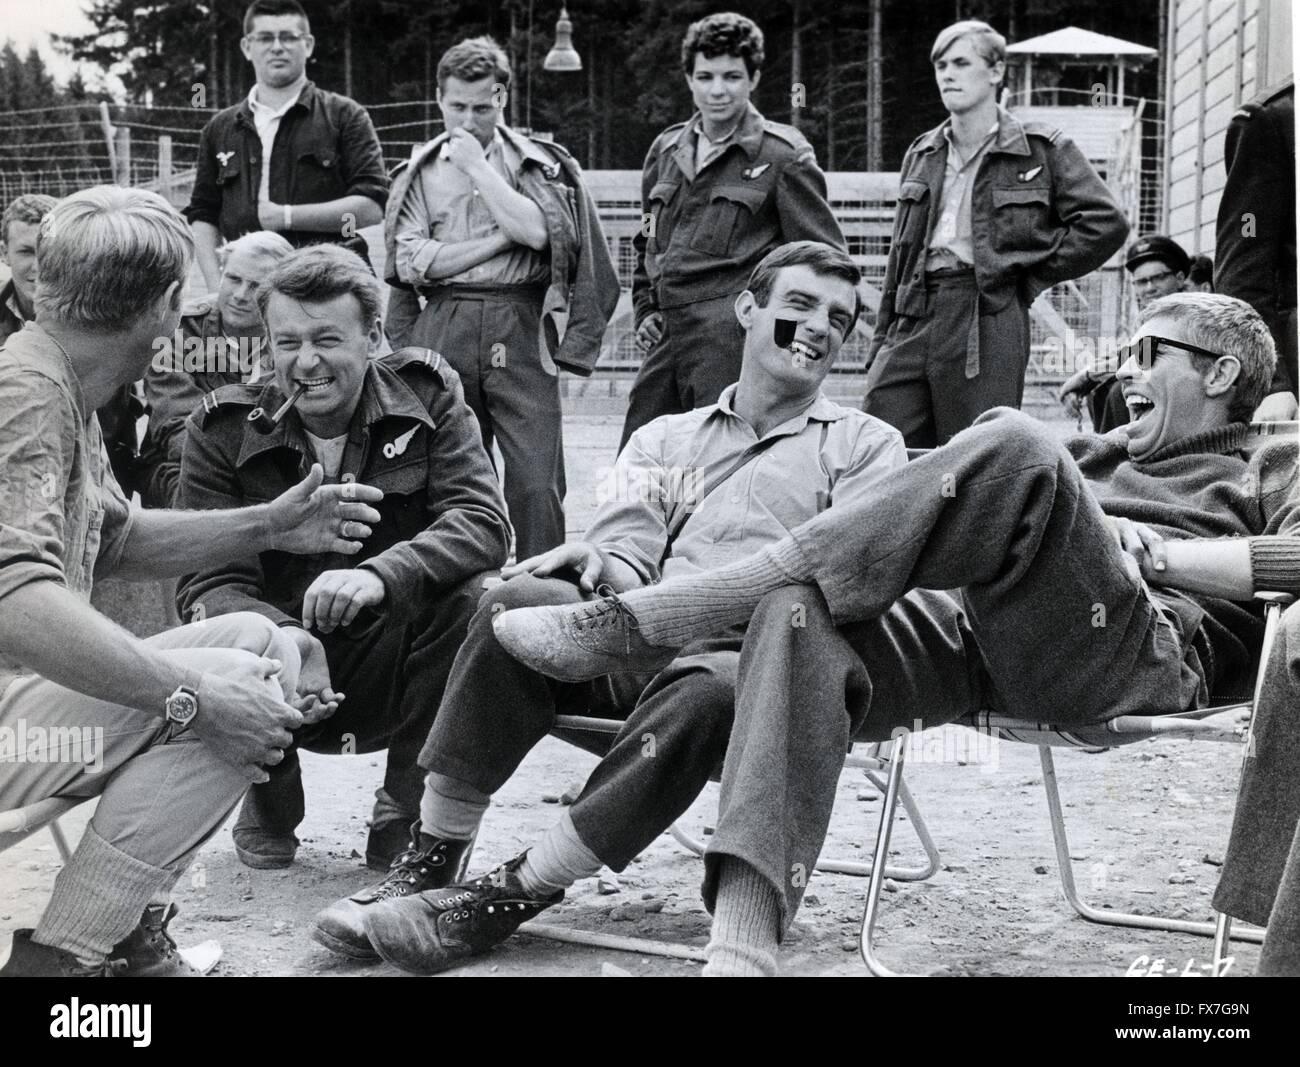 john sturges 1963